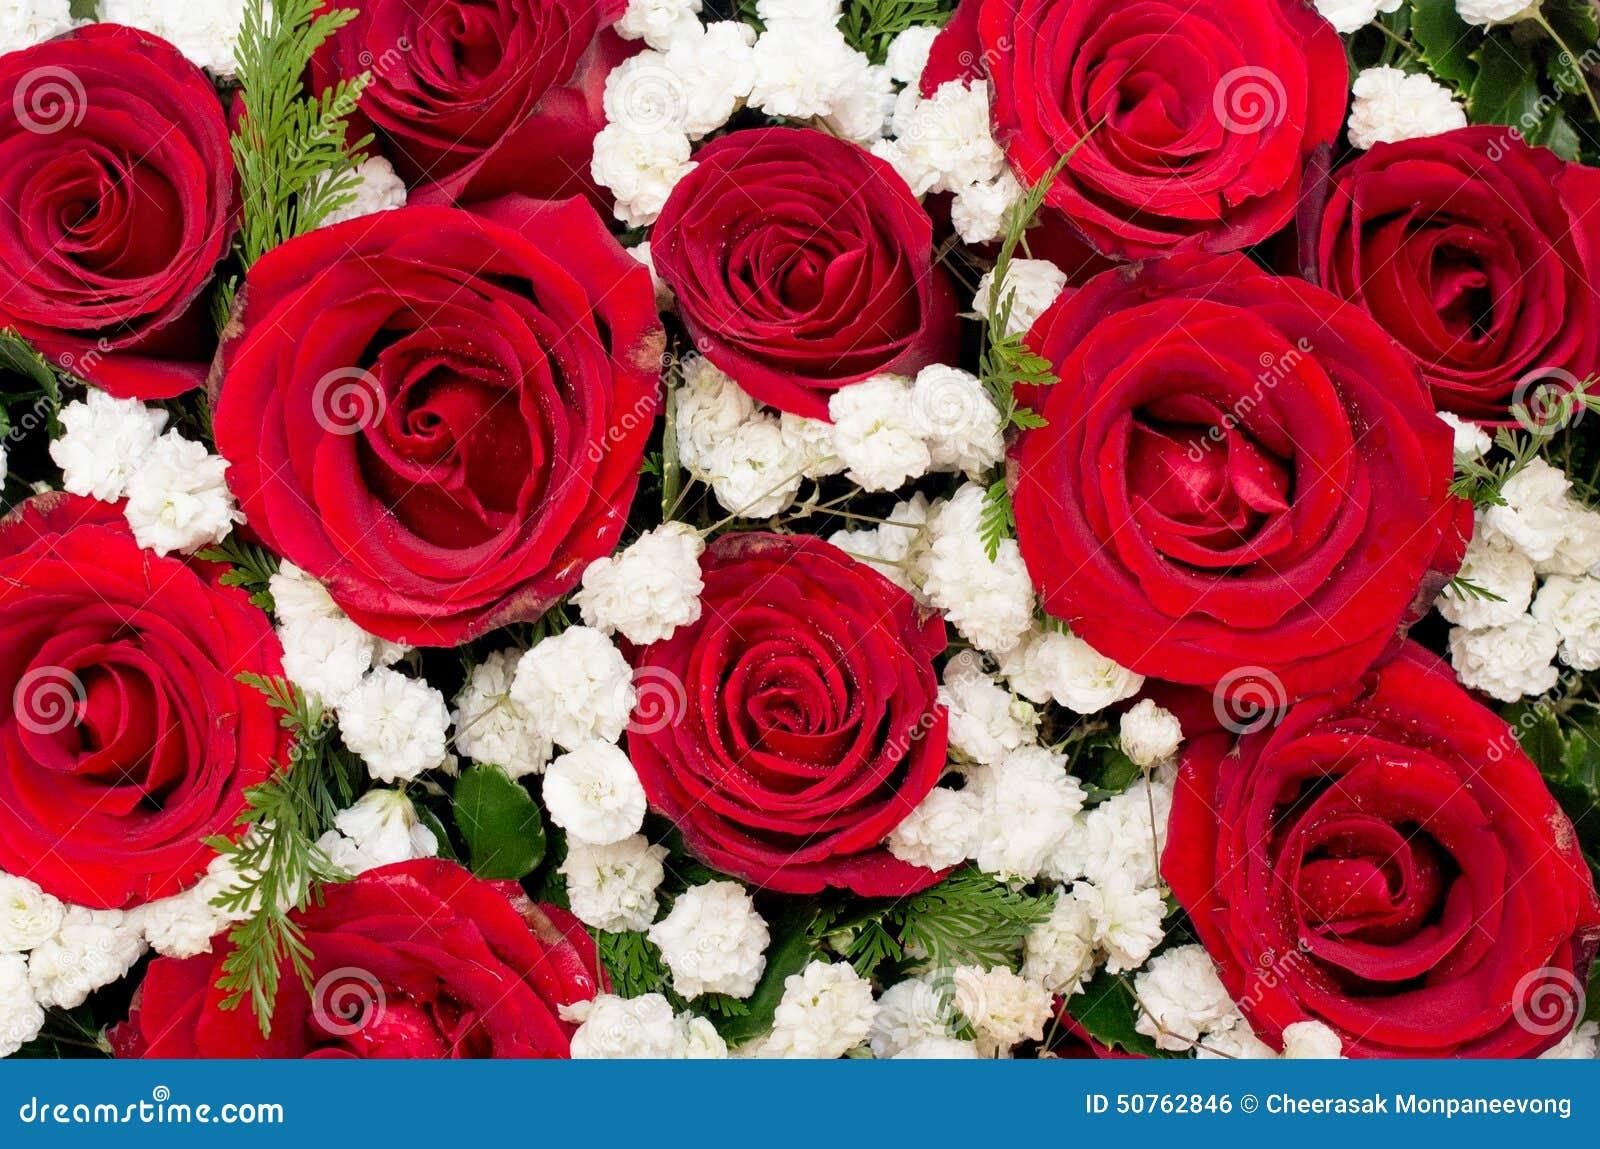 Bouquet Des Roses Rouges Et De La Fleur Blanche Dans La Boite En